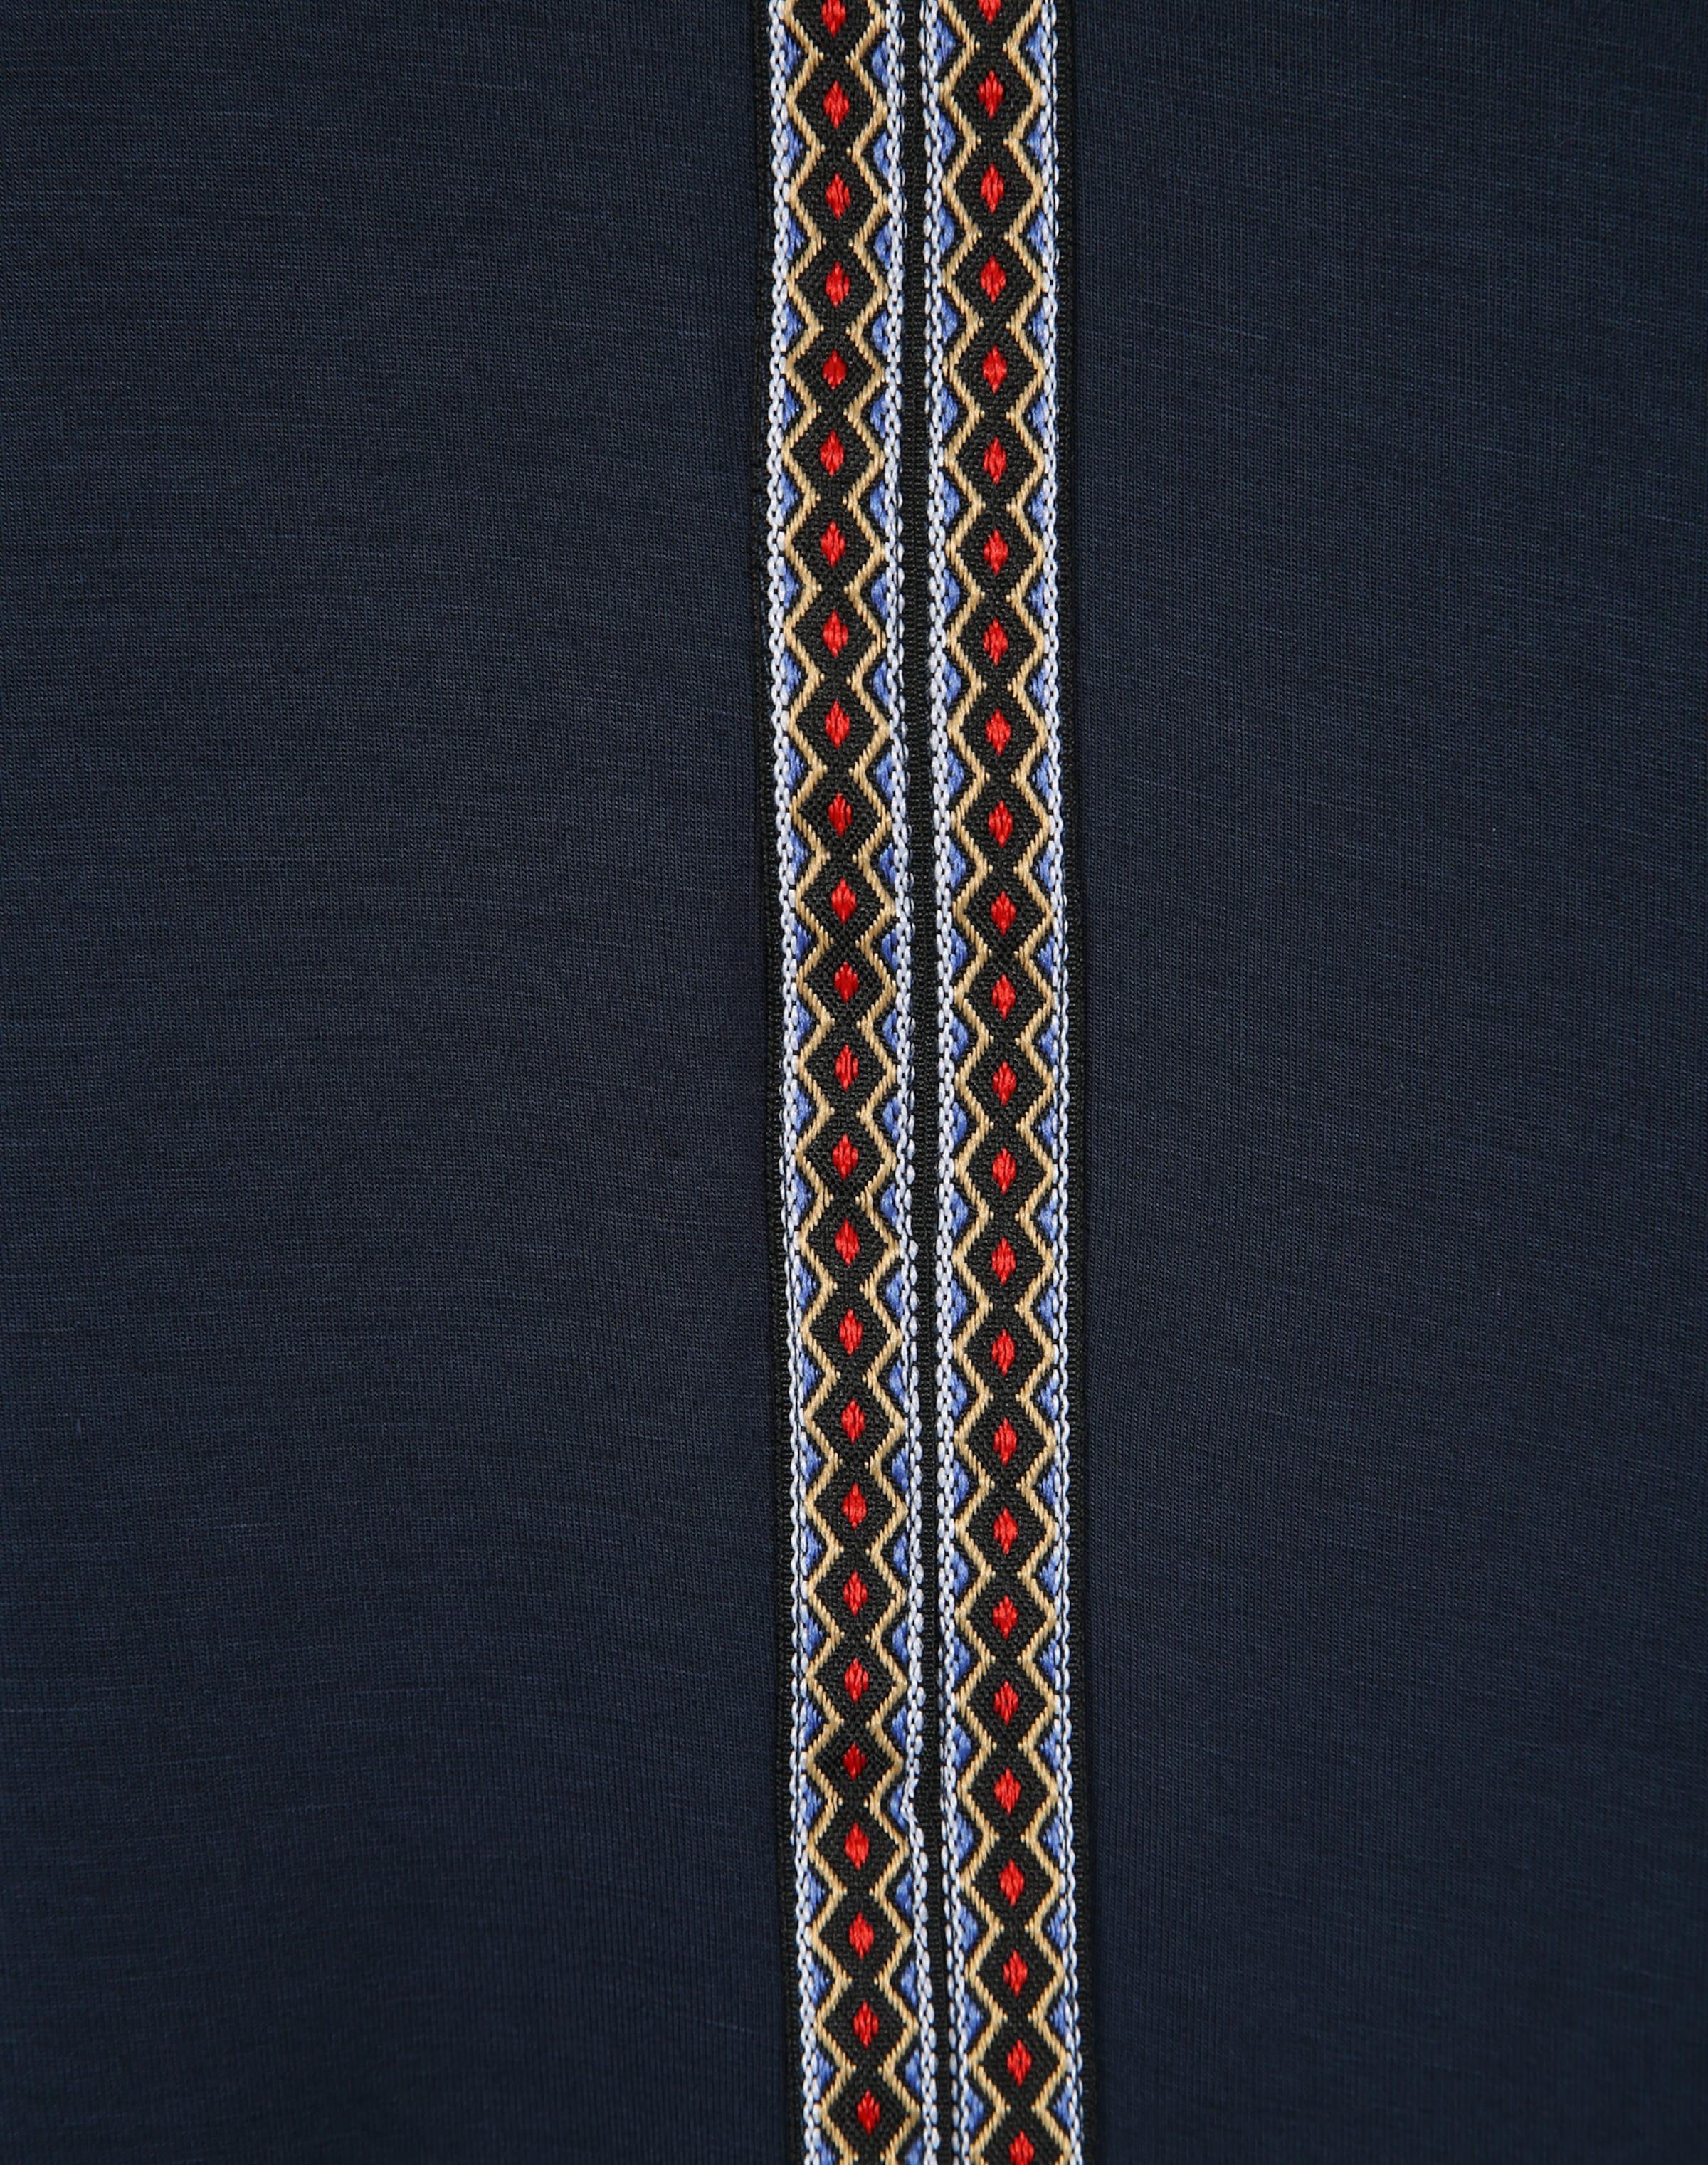 Großer Verkauf Günstiger Preis Pepe Jeans Jerseyshirt 'Ana' Preiswerter Preis Fabrikverkauf Freier Versandauftrag UCC9p